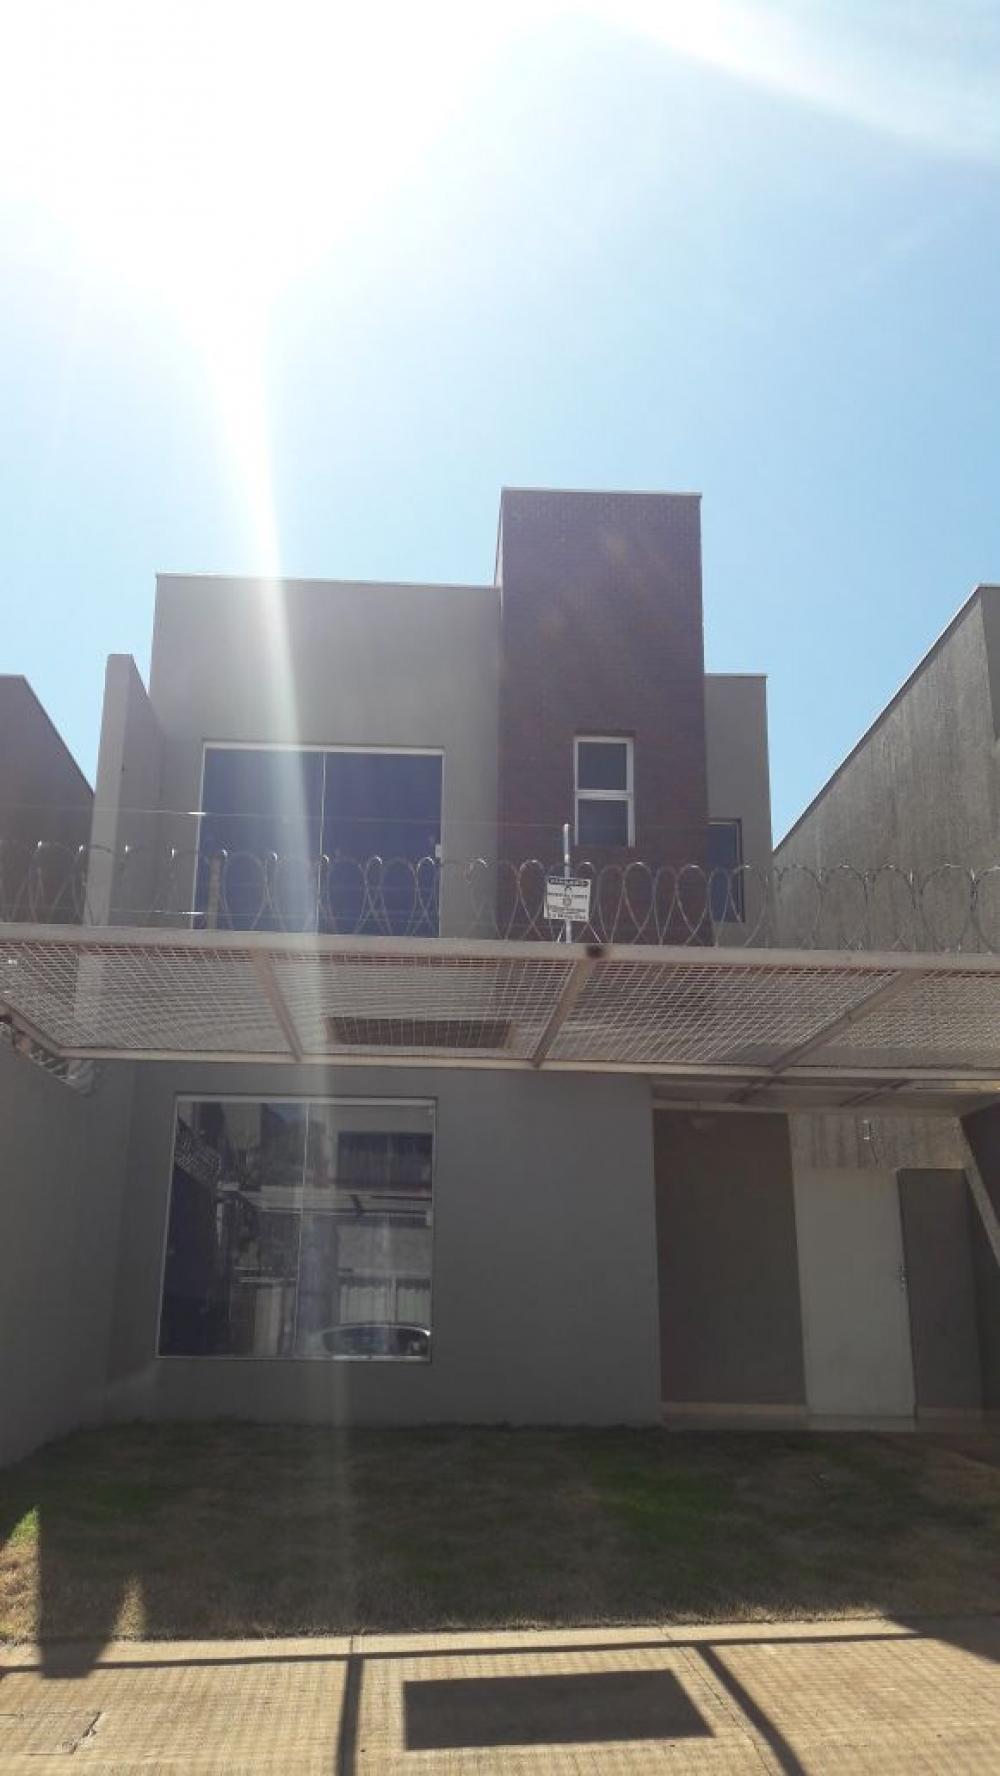 Alugar Casa / Sobrado em Bonfim Paulista R$ 1.800,00 - Foto 11